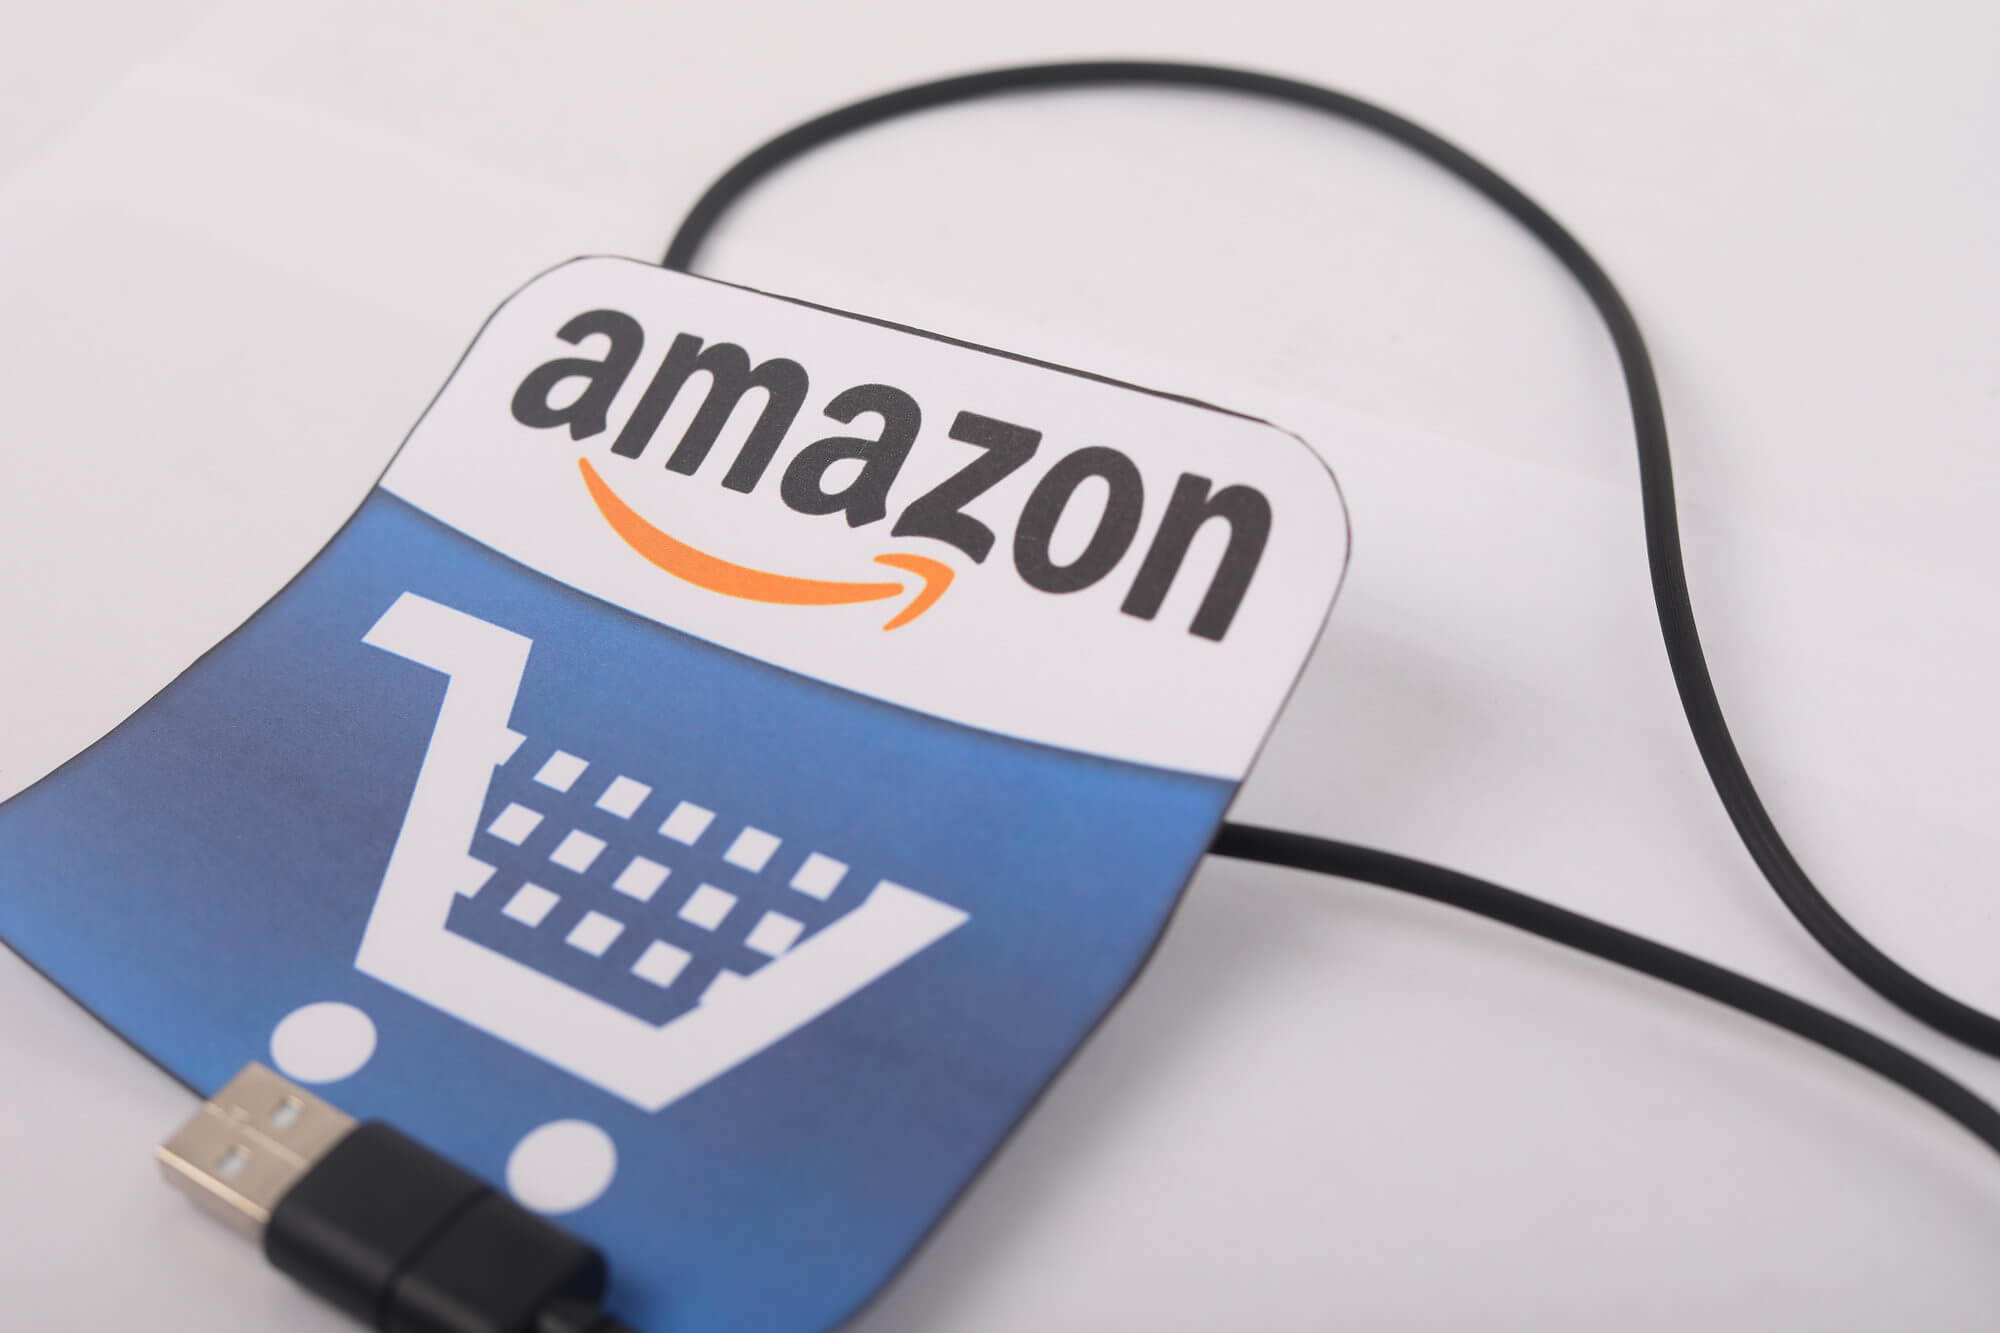 亚马逊第一次上传产品,亚马逊产品上架前需要做哪些工作?